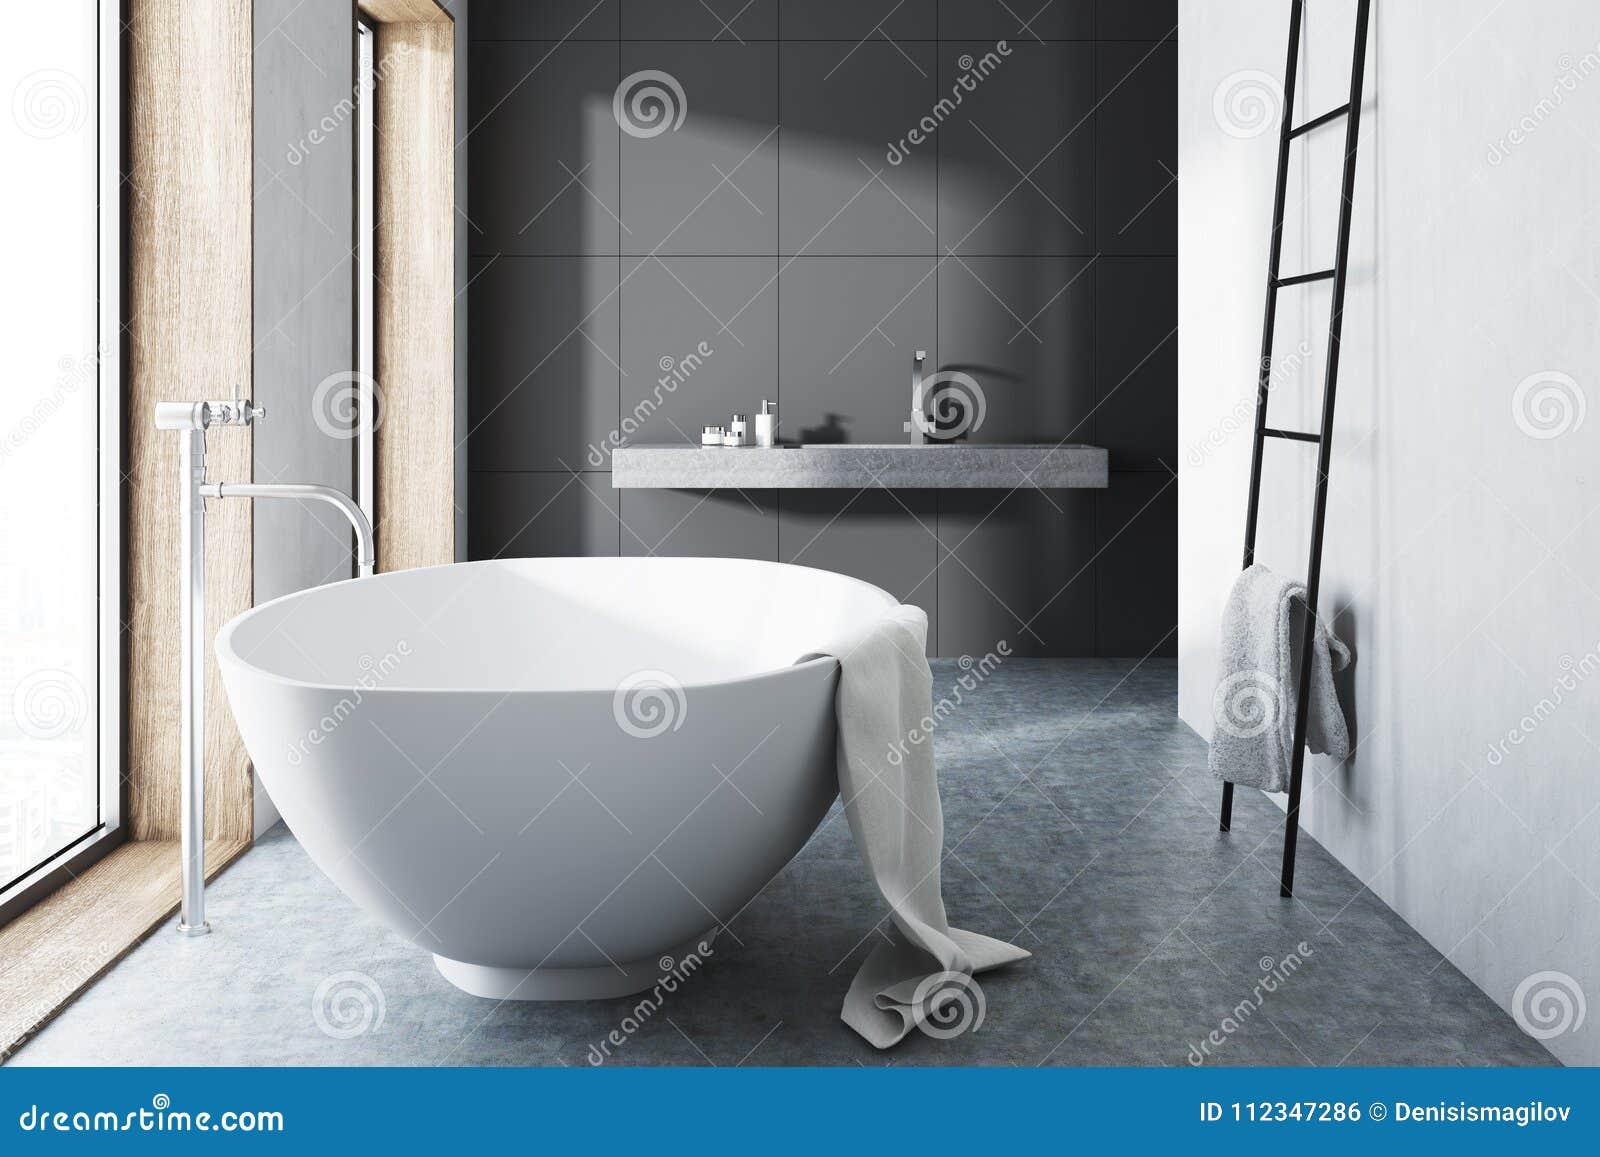 Graues Badezimmer Weisse Wanne Leiter Konkreter Boden